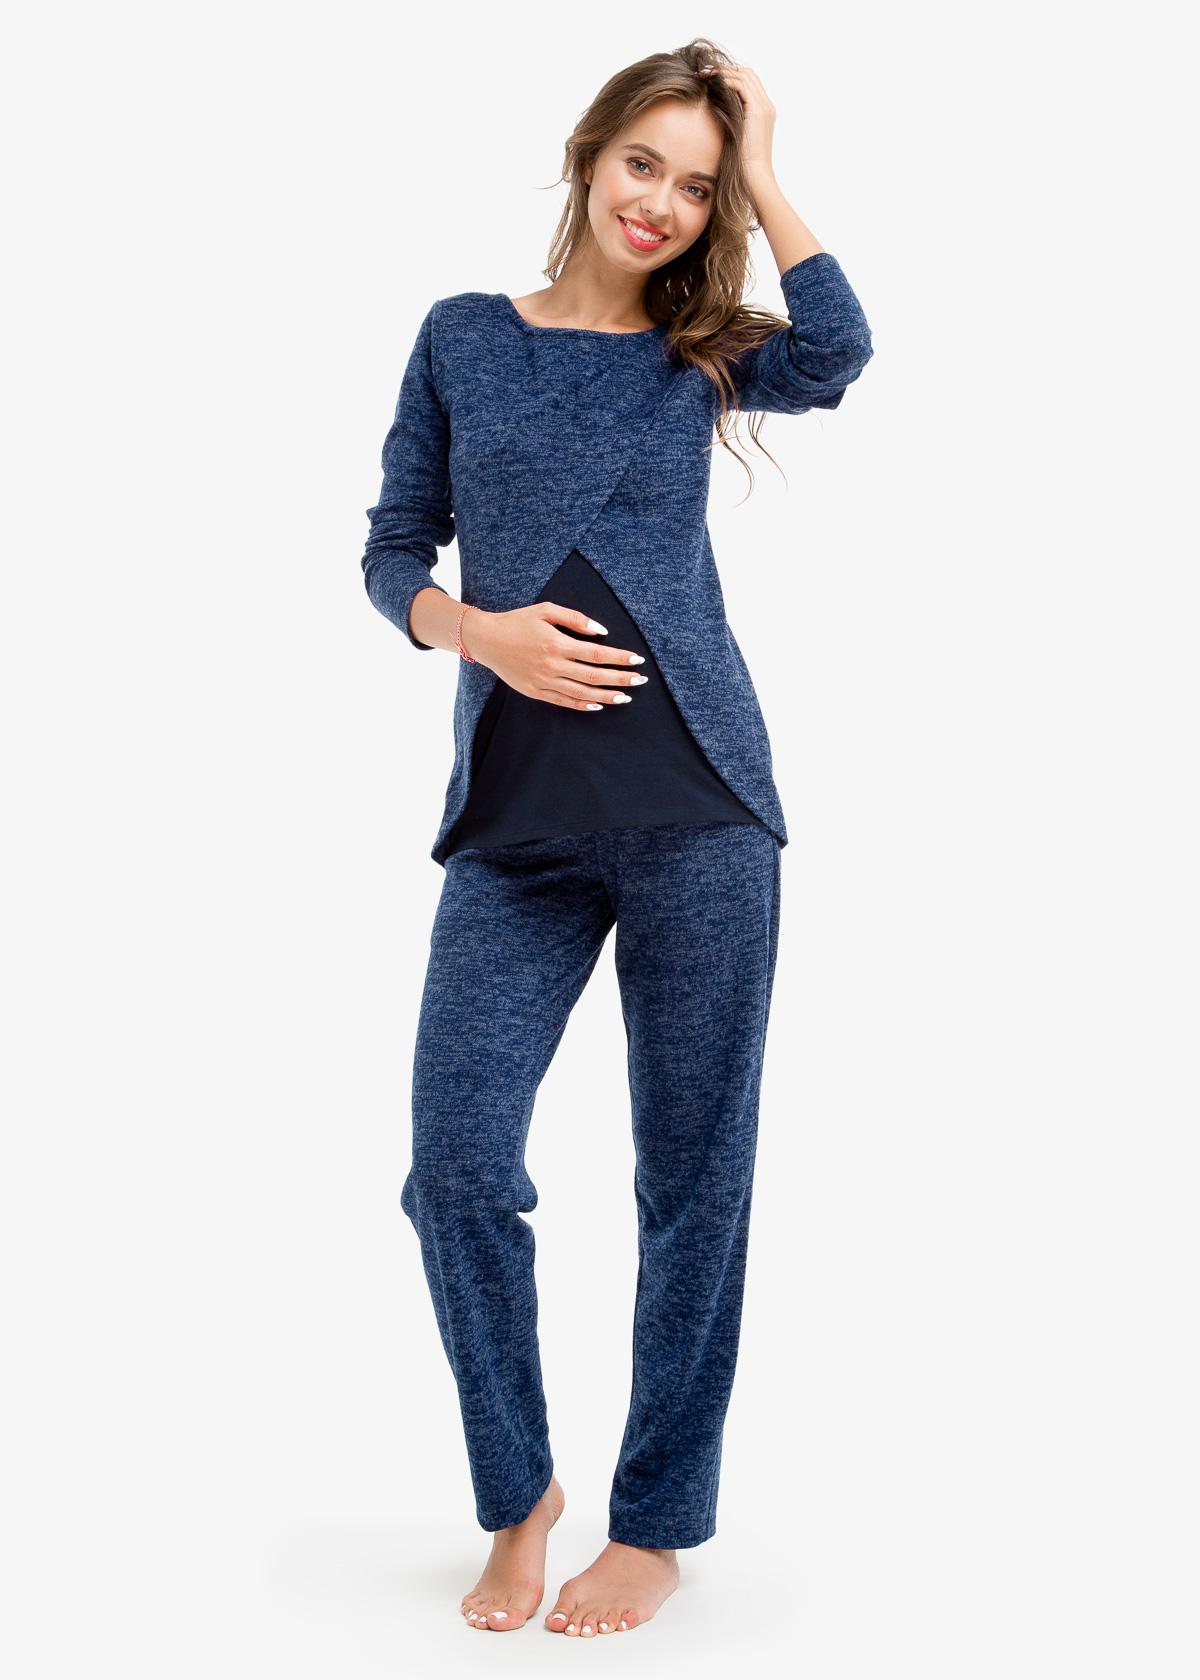 a63e92590 Фото: практичная одежда для будущих мам, Спортивный Костюм для беременных  TOPAZZIO (ангора) ...